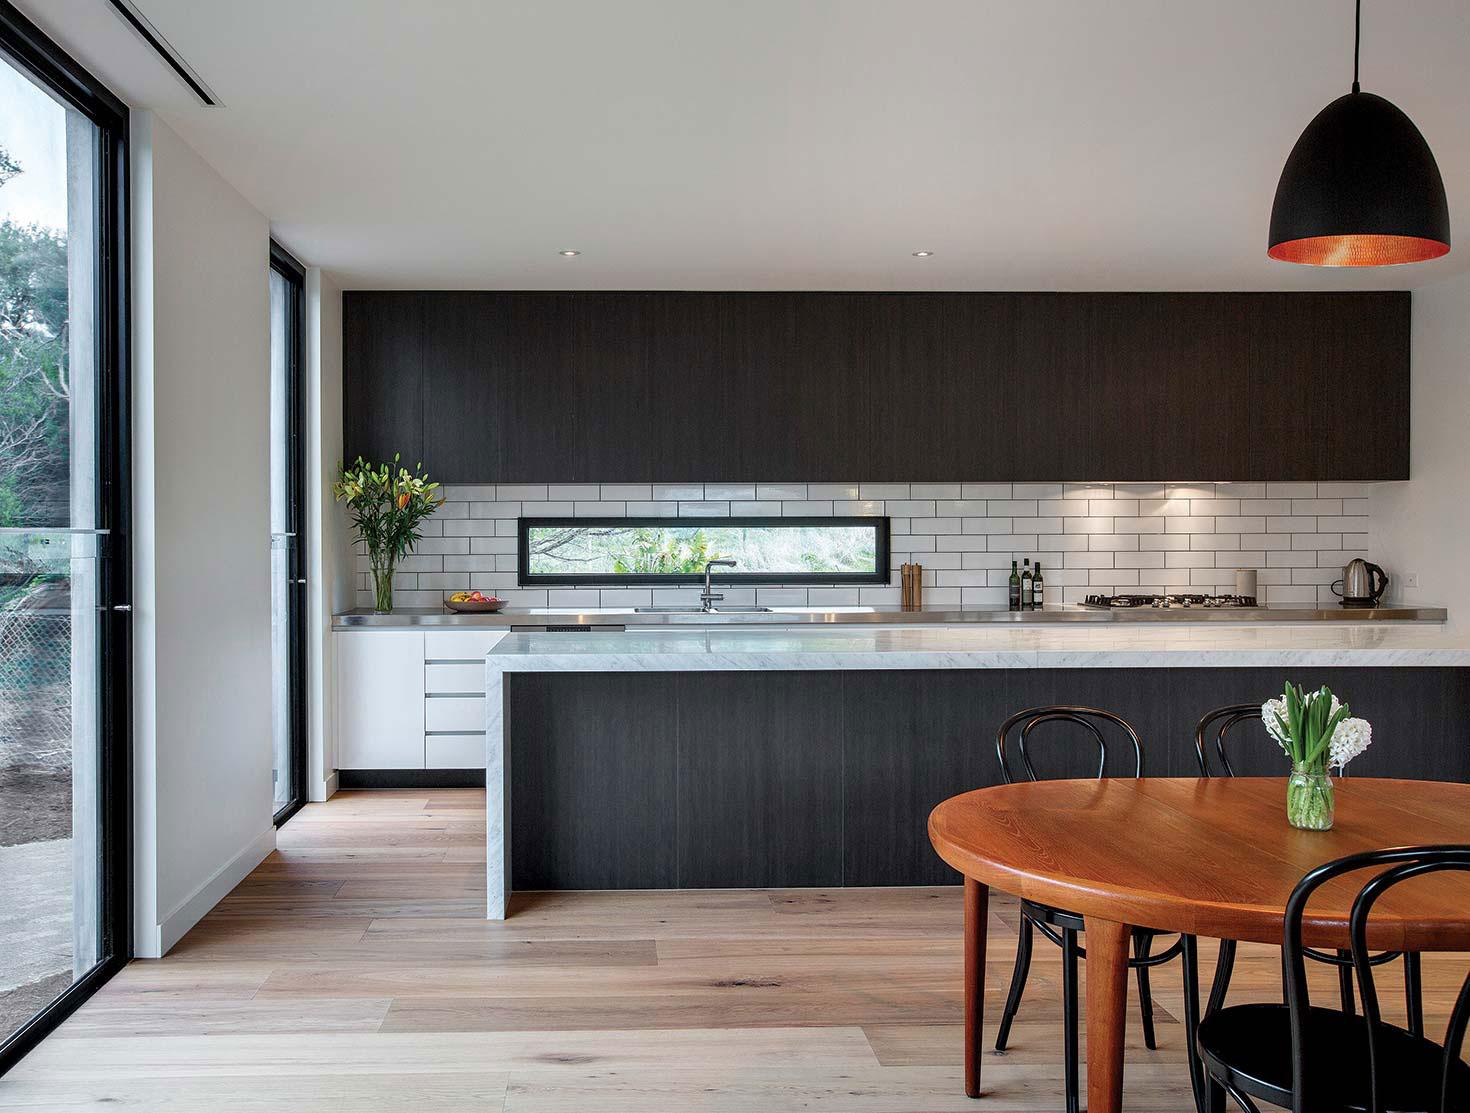 Мраморные столешницы для интерьера кухни - Фото 10